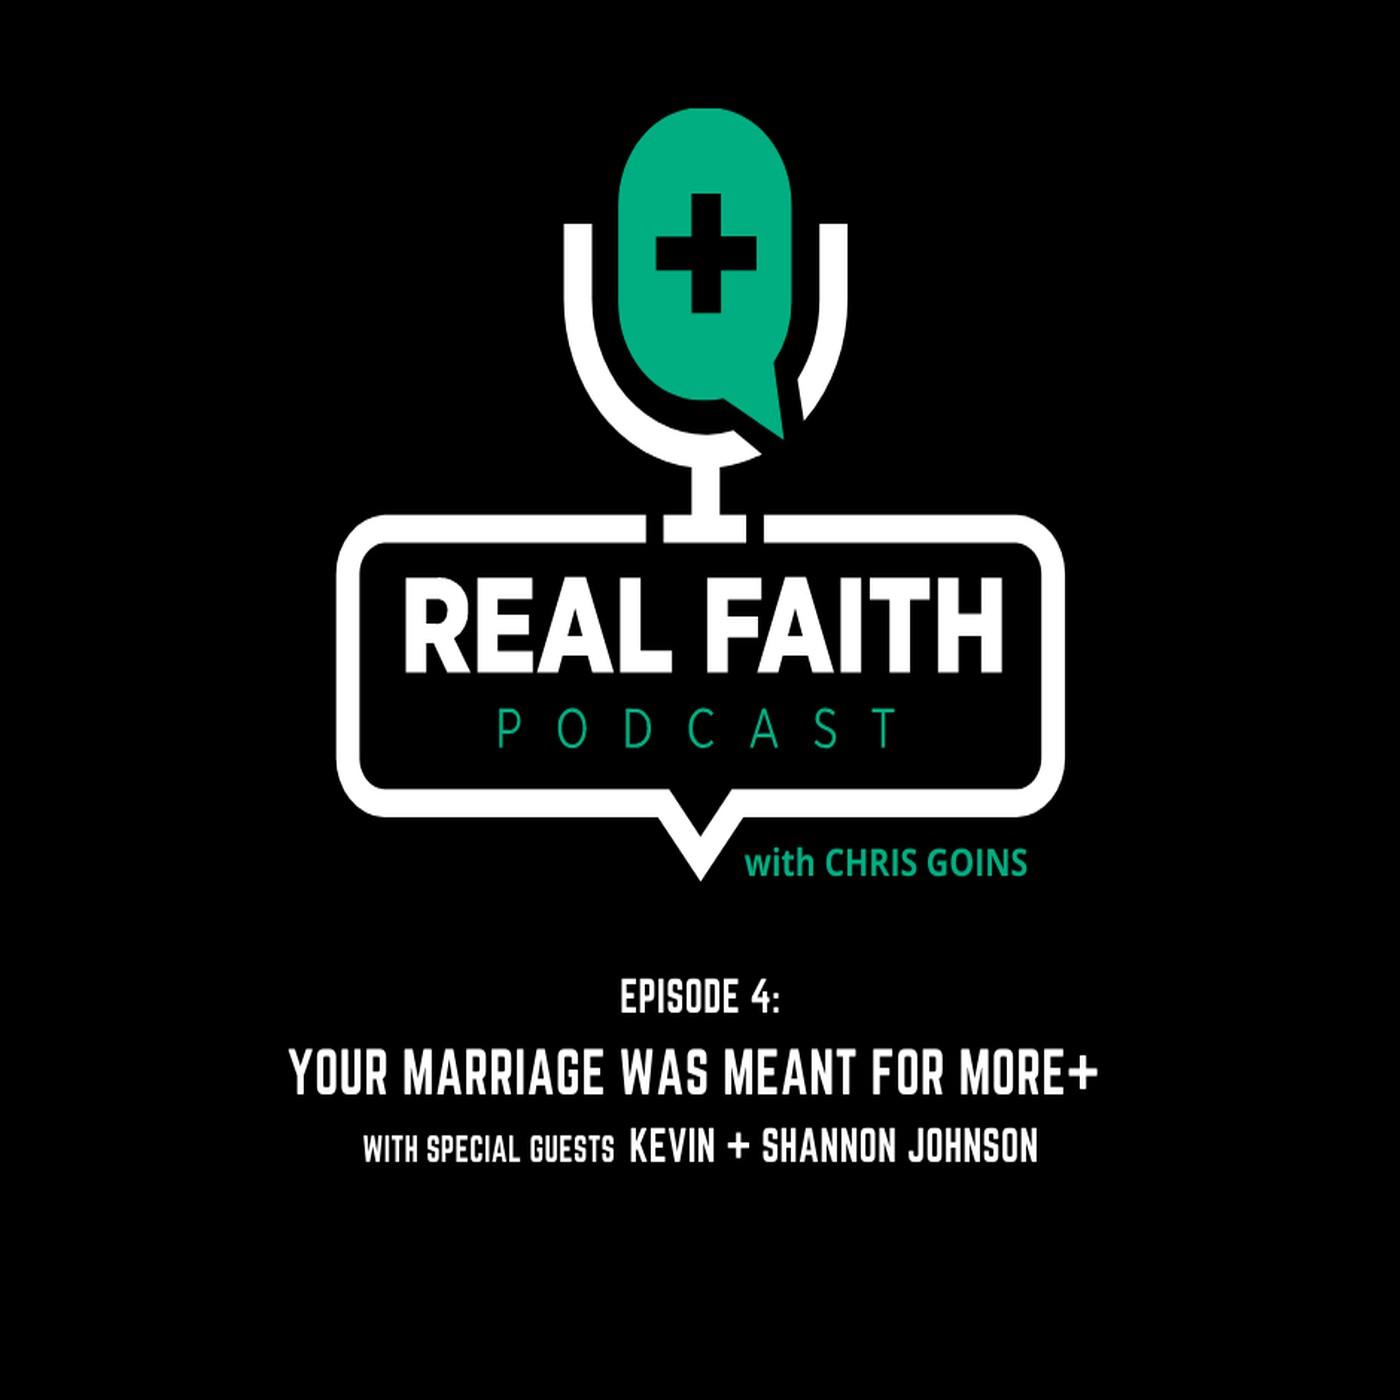 The REAL FAITH Podcast with Chris Goins